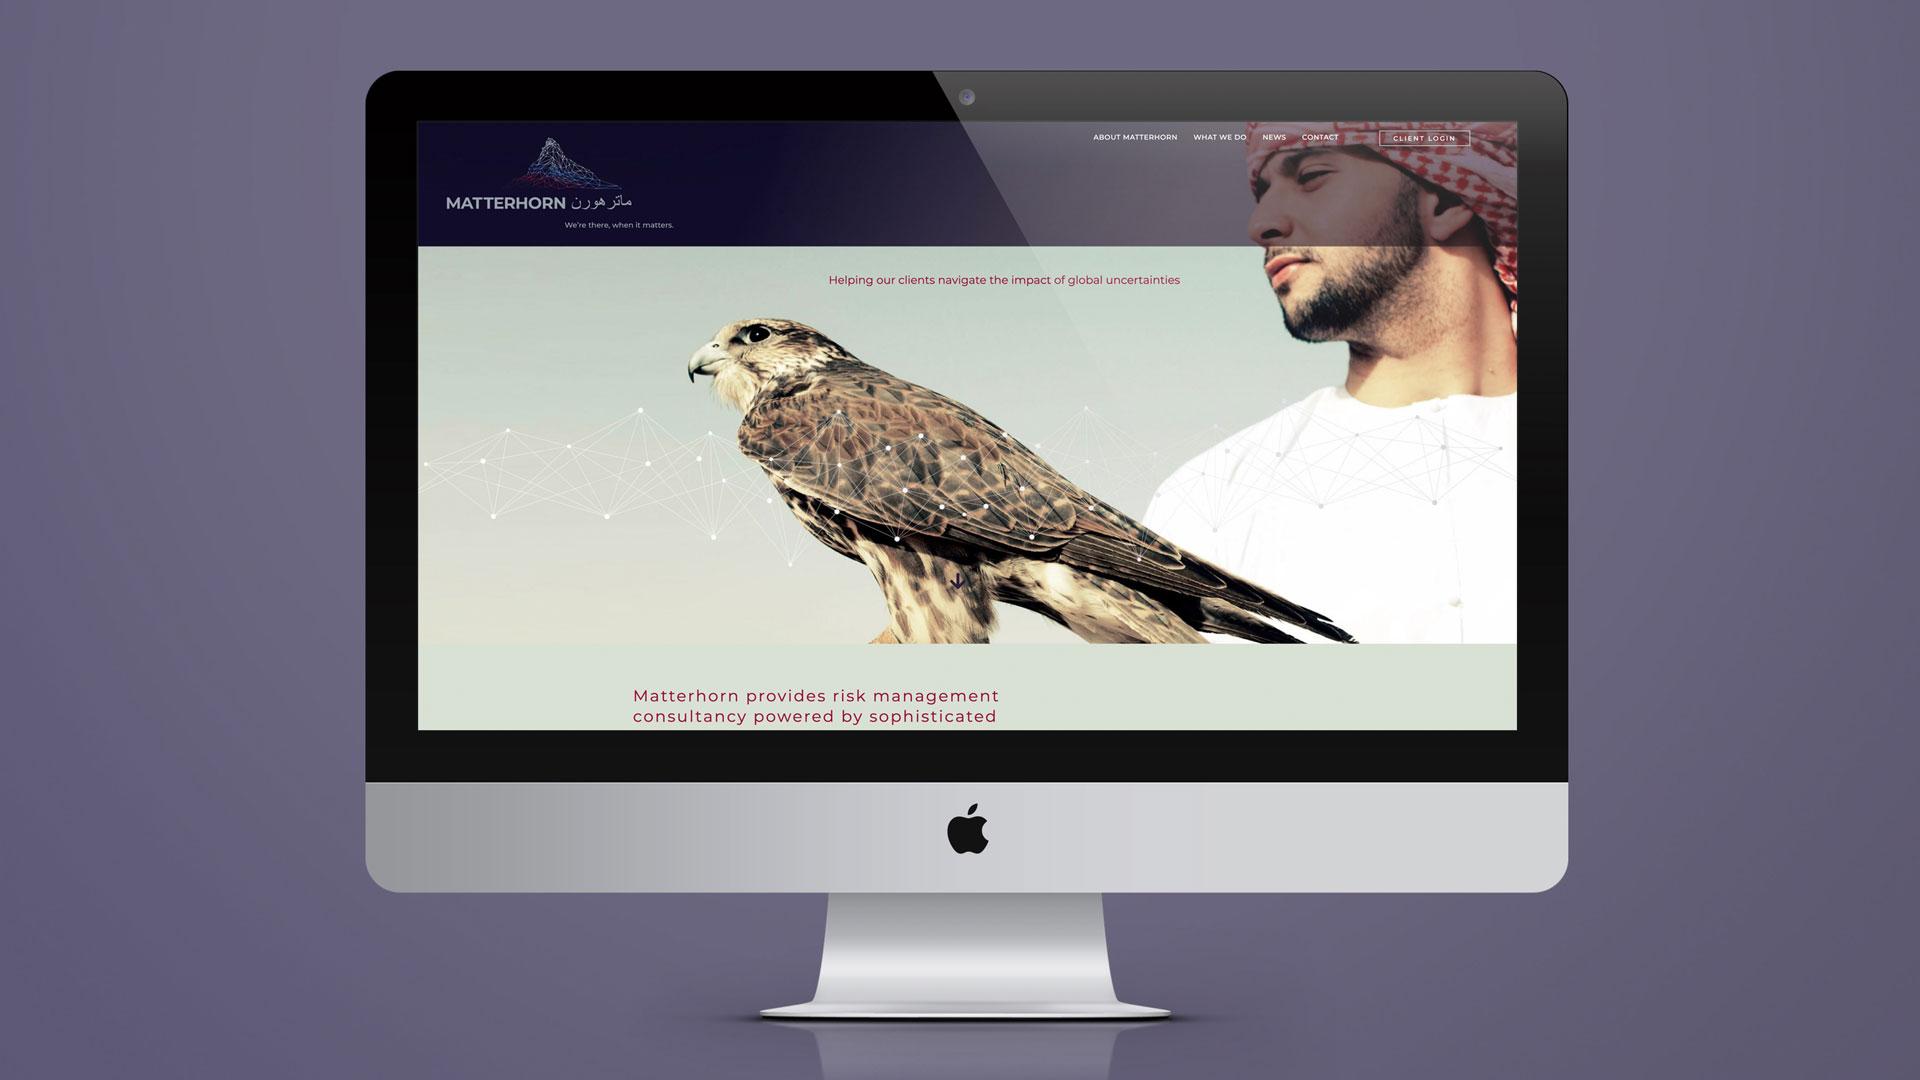 matterhorn branding and website